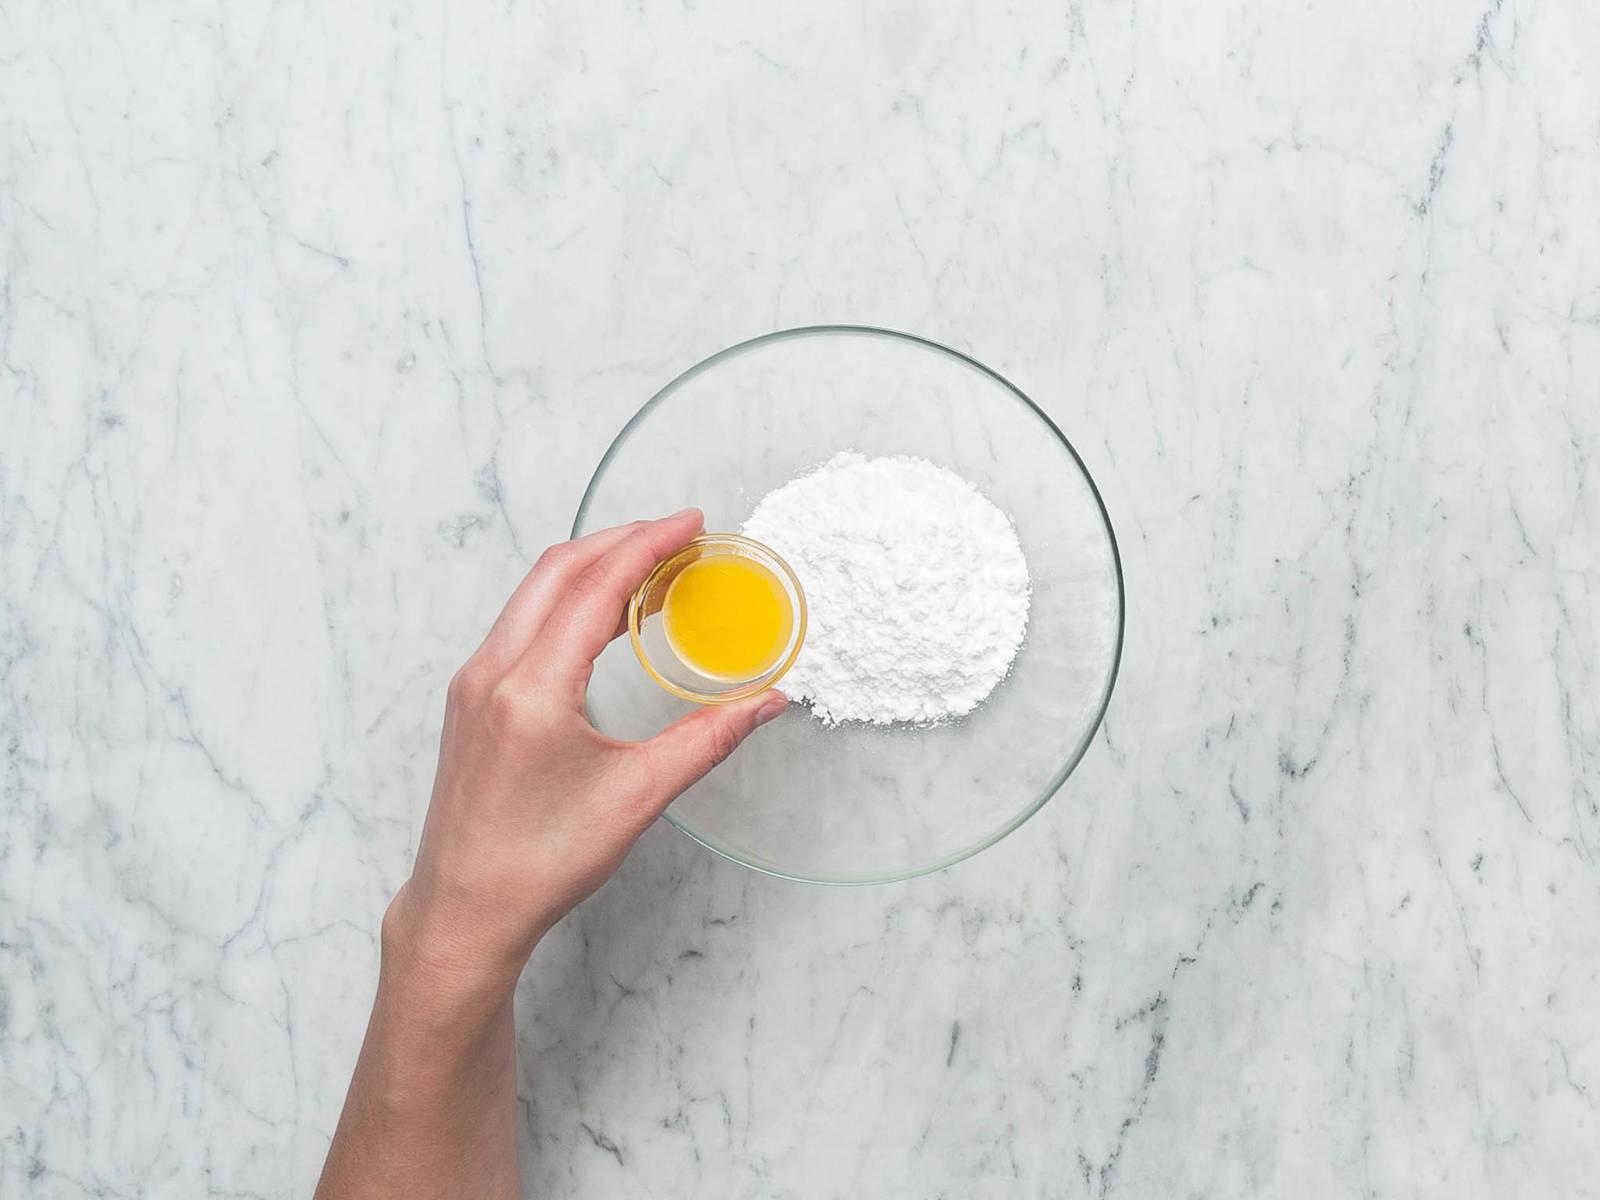 将橘子汁和糖粉混合制成糖釉。